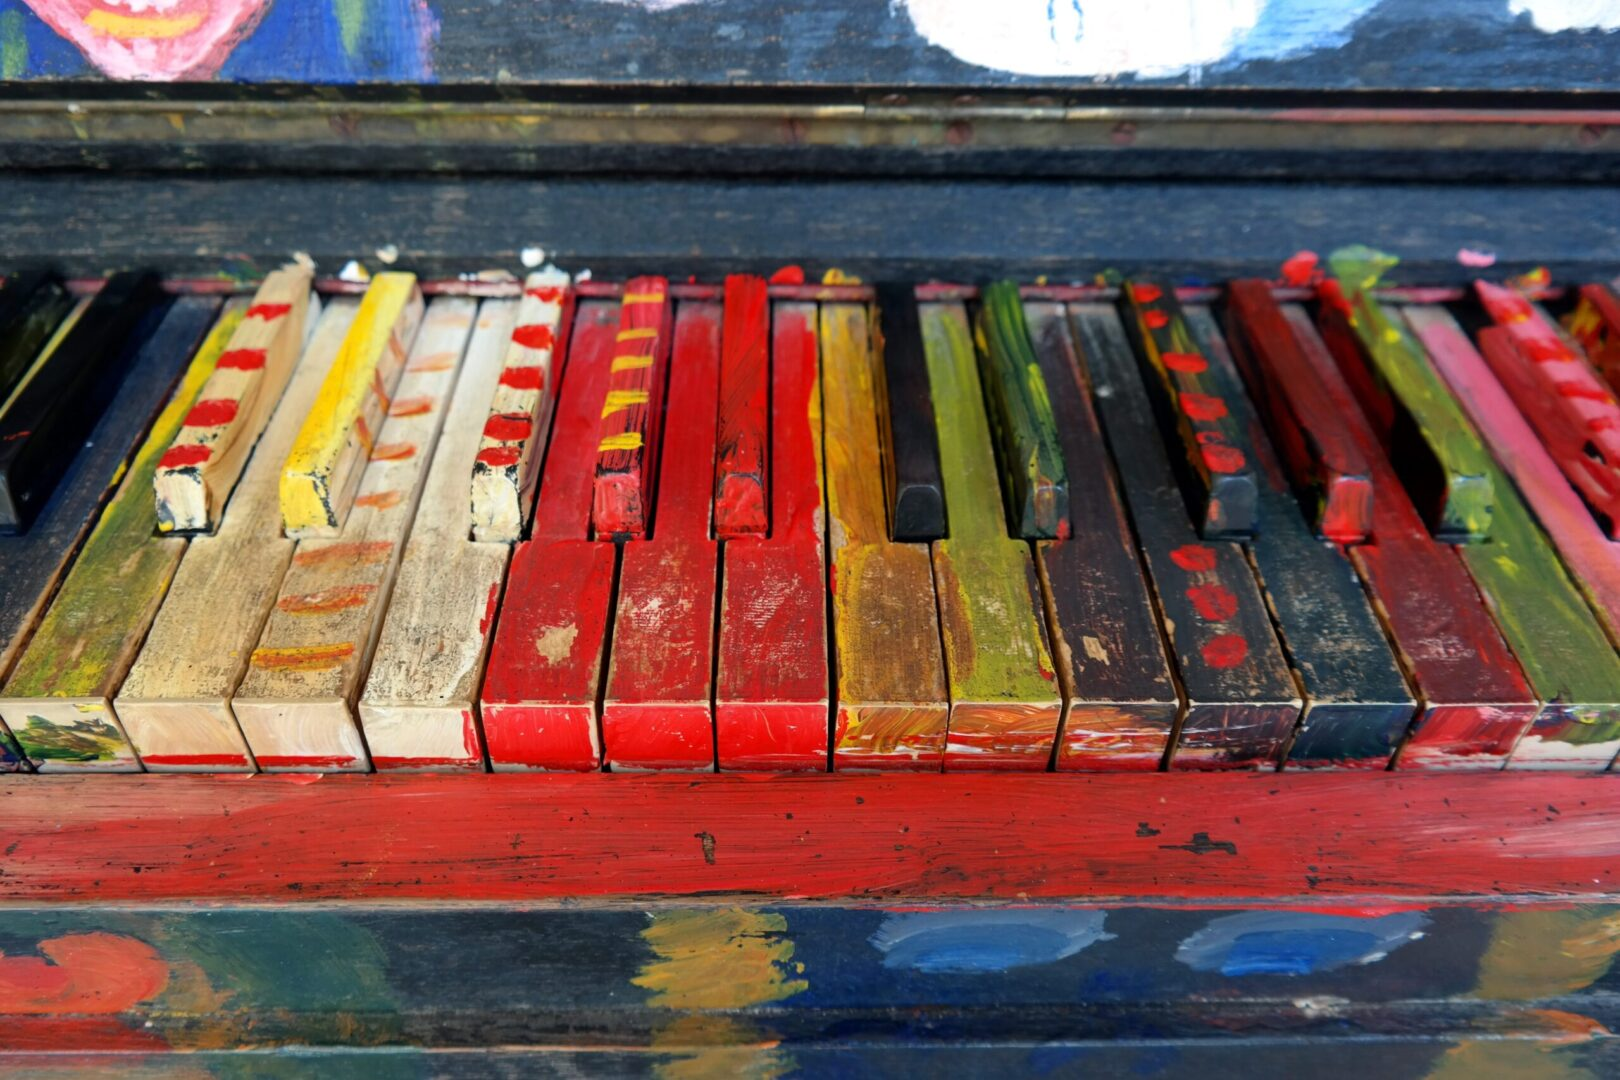 Klavier mit farbigen Tasten - Meißen als Stadt der Kunst und Kultur